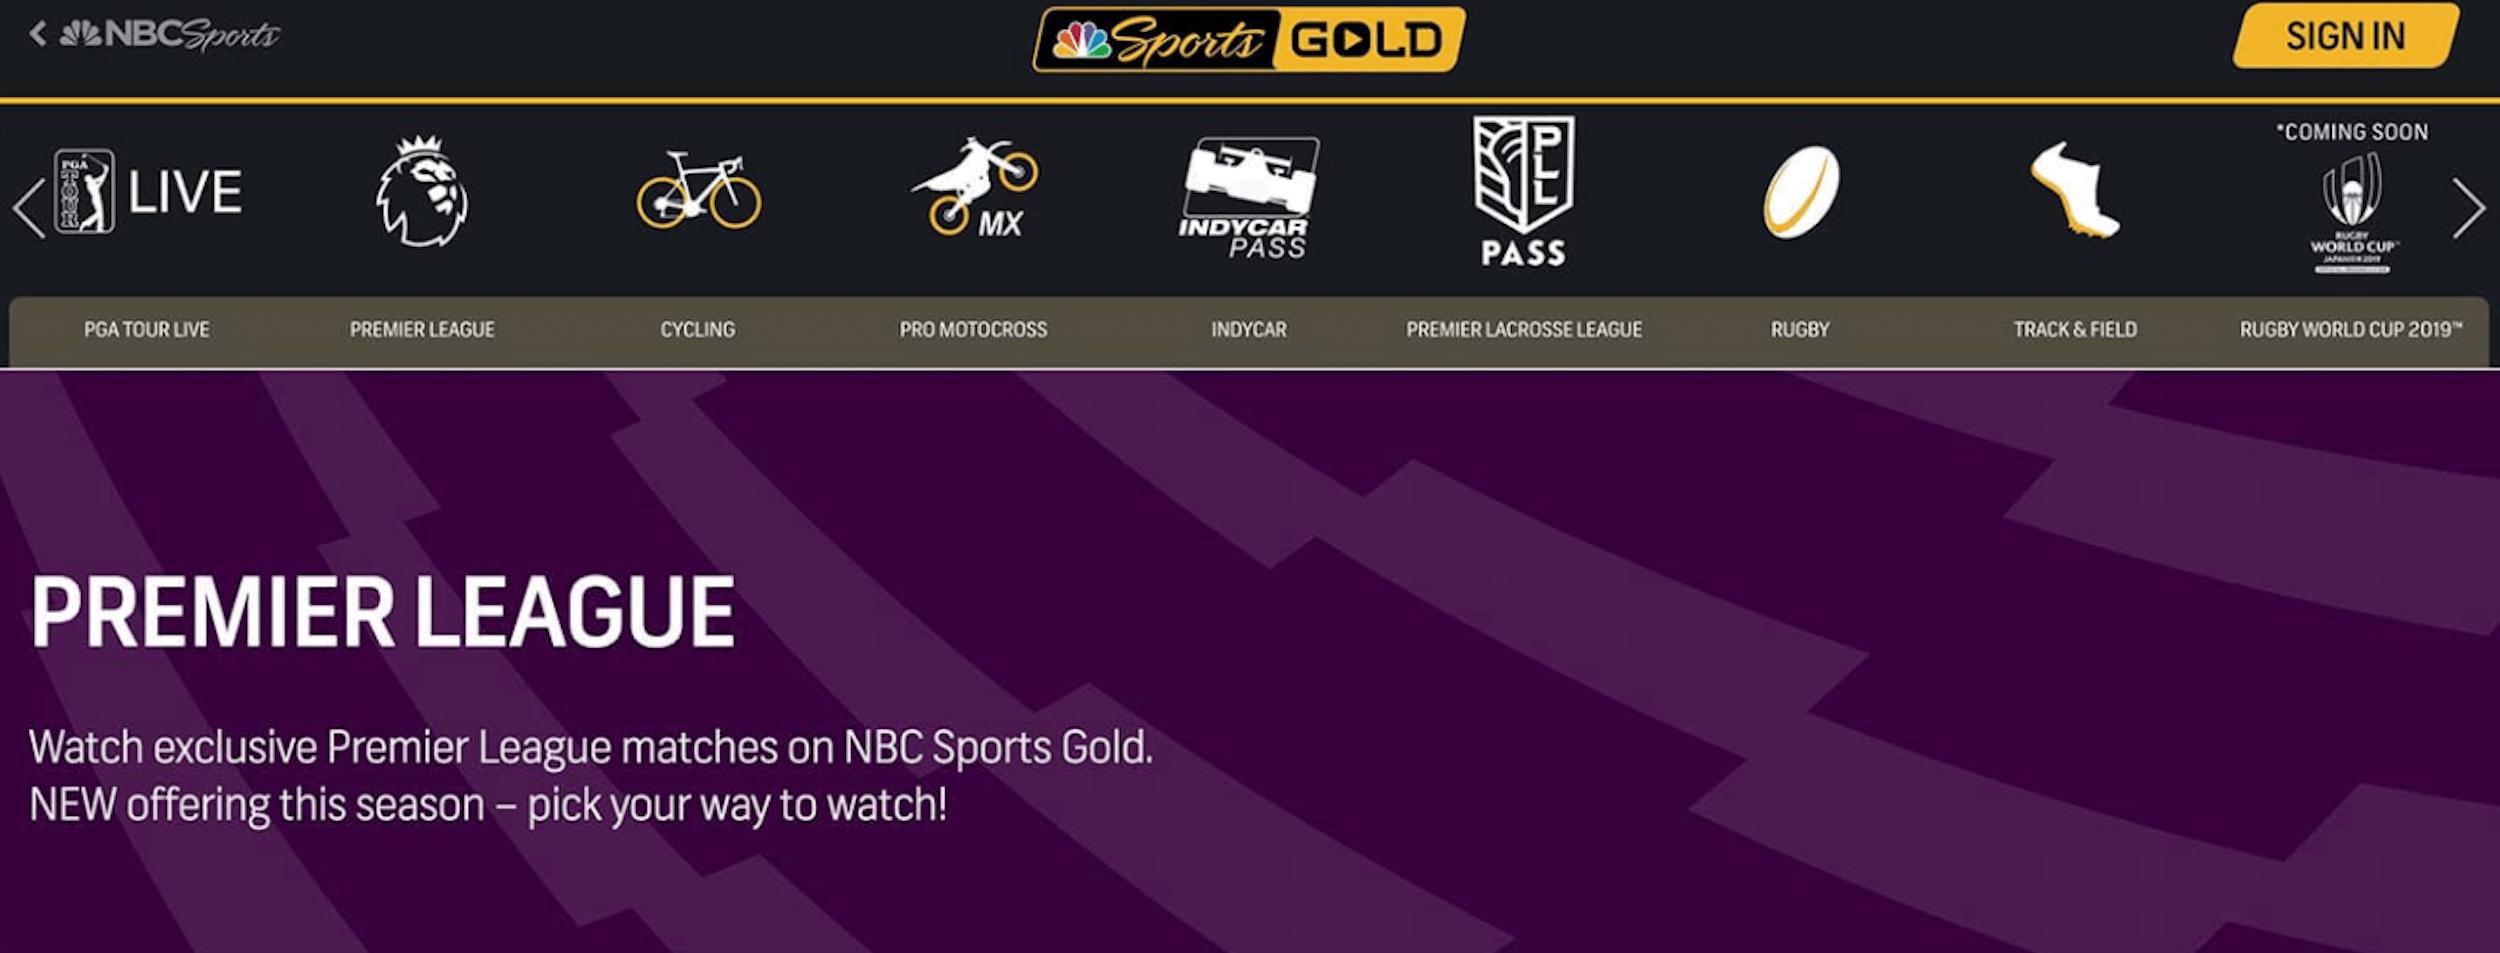 spurs vs sheffield united live stream nbc sports gold